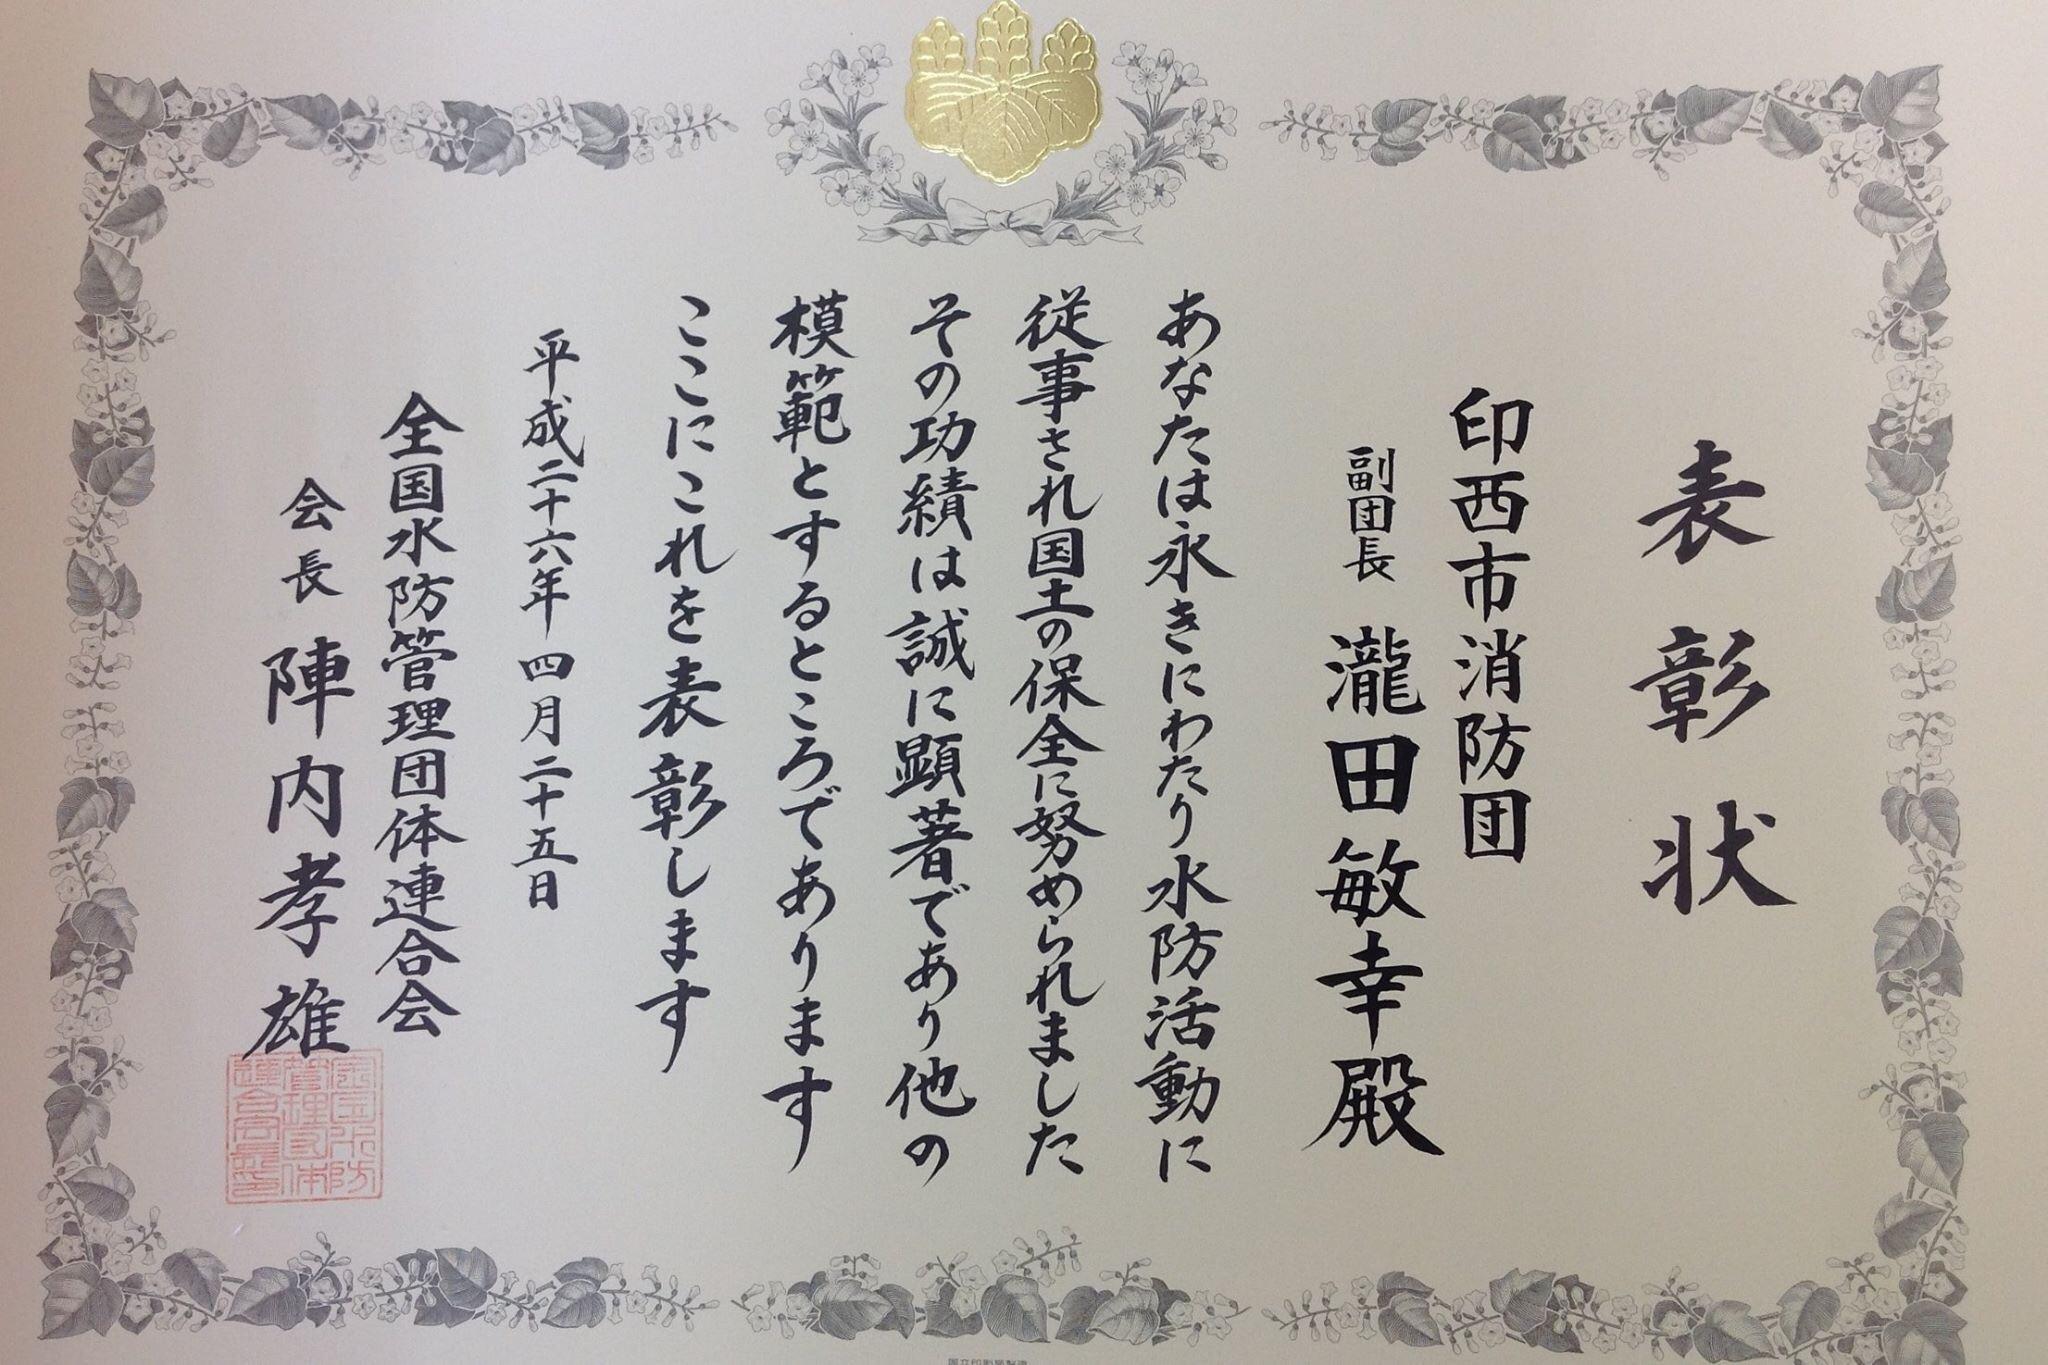 16.05.28(土) 印旛・利根川水防演習_f0035232_15512354.jpg